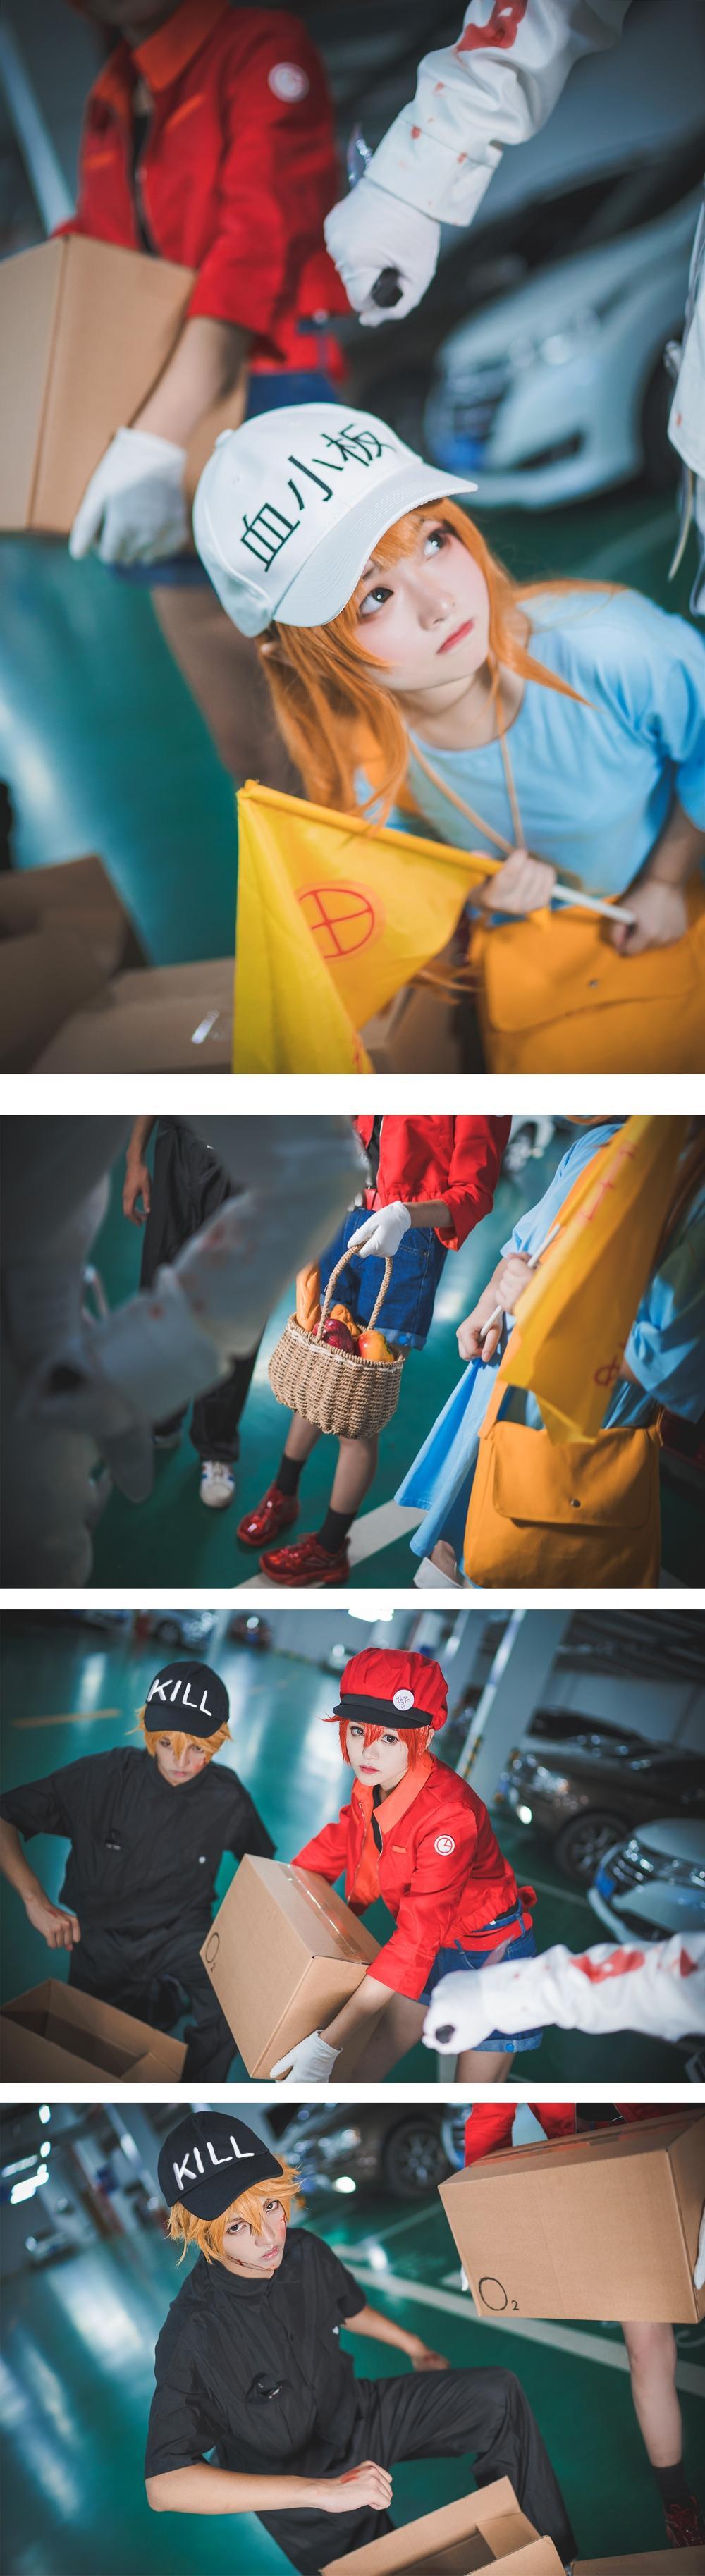 《工作细胞》正片cosplay【CN:枫鵺rain】-第10张